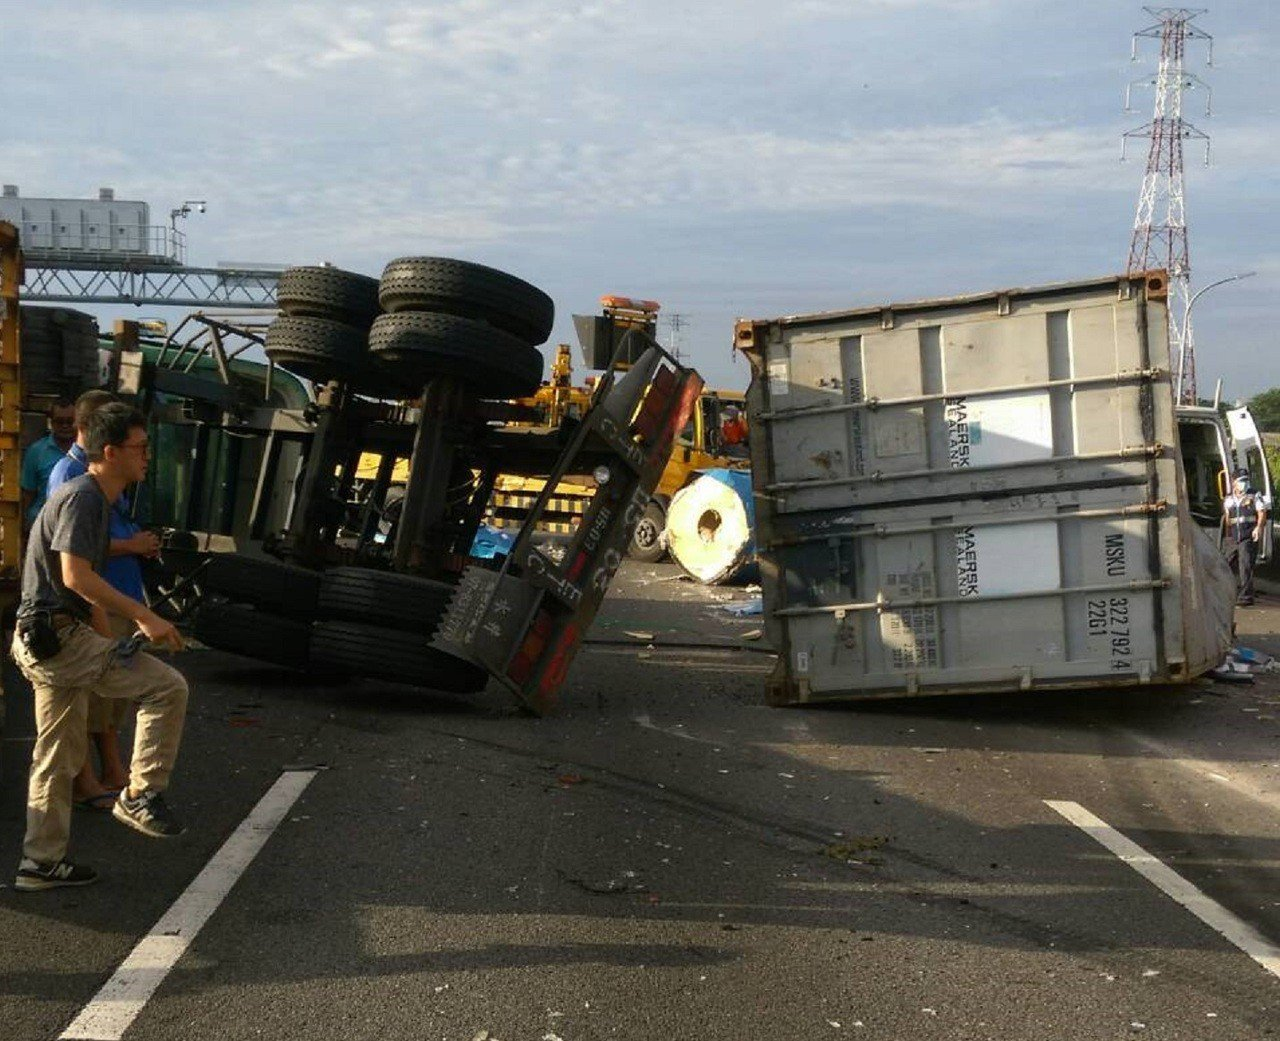 國一南下路竹、高科段今天上午傳出大貨車翻覆,車頭與貨櫃分離。記者林伯驊/翻攝